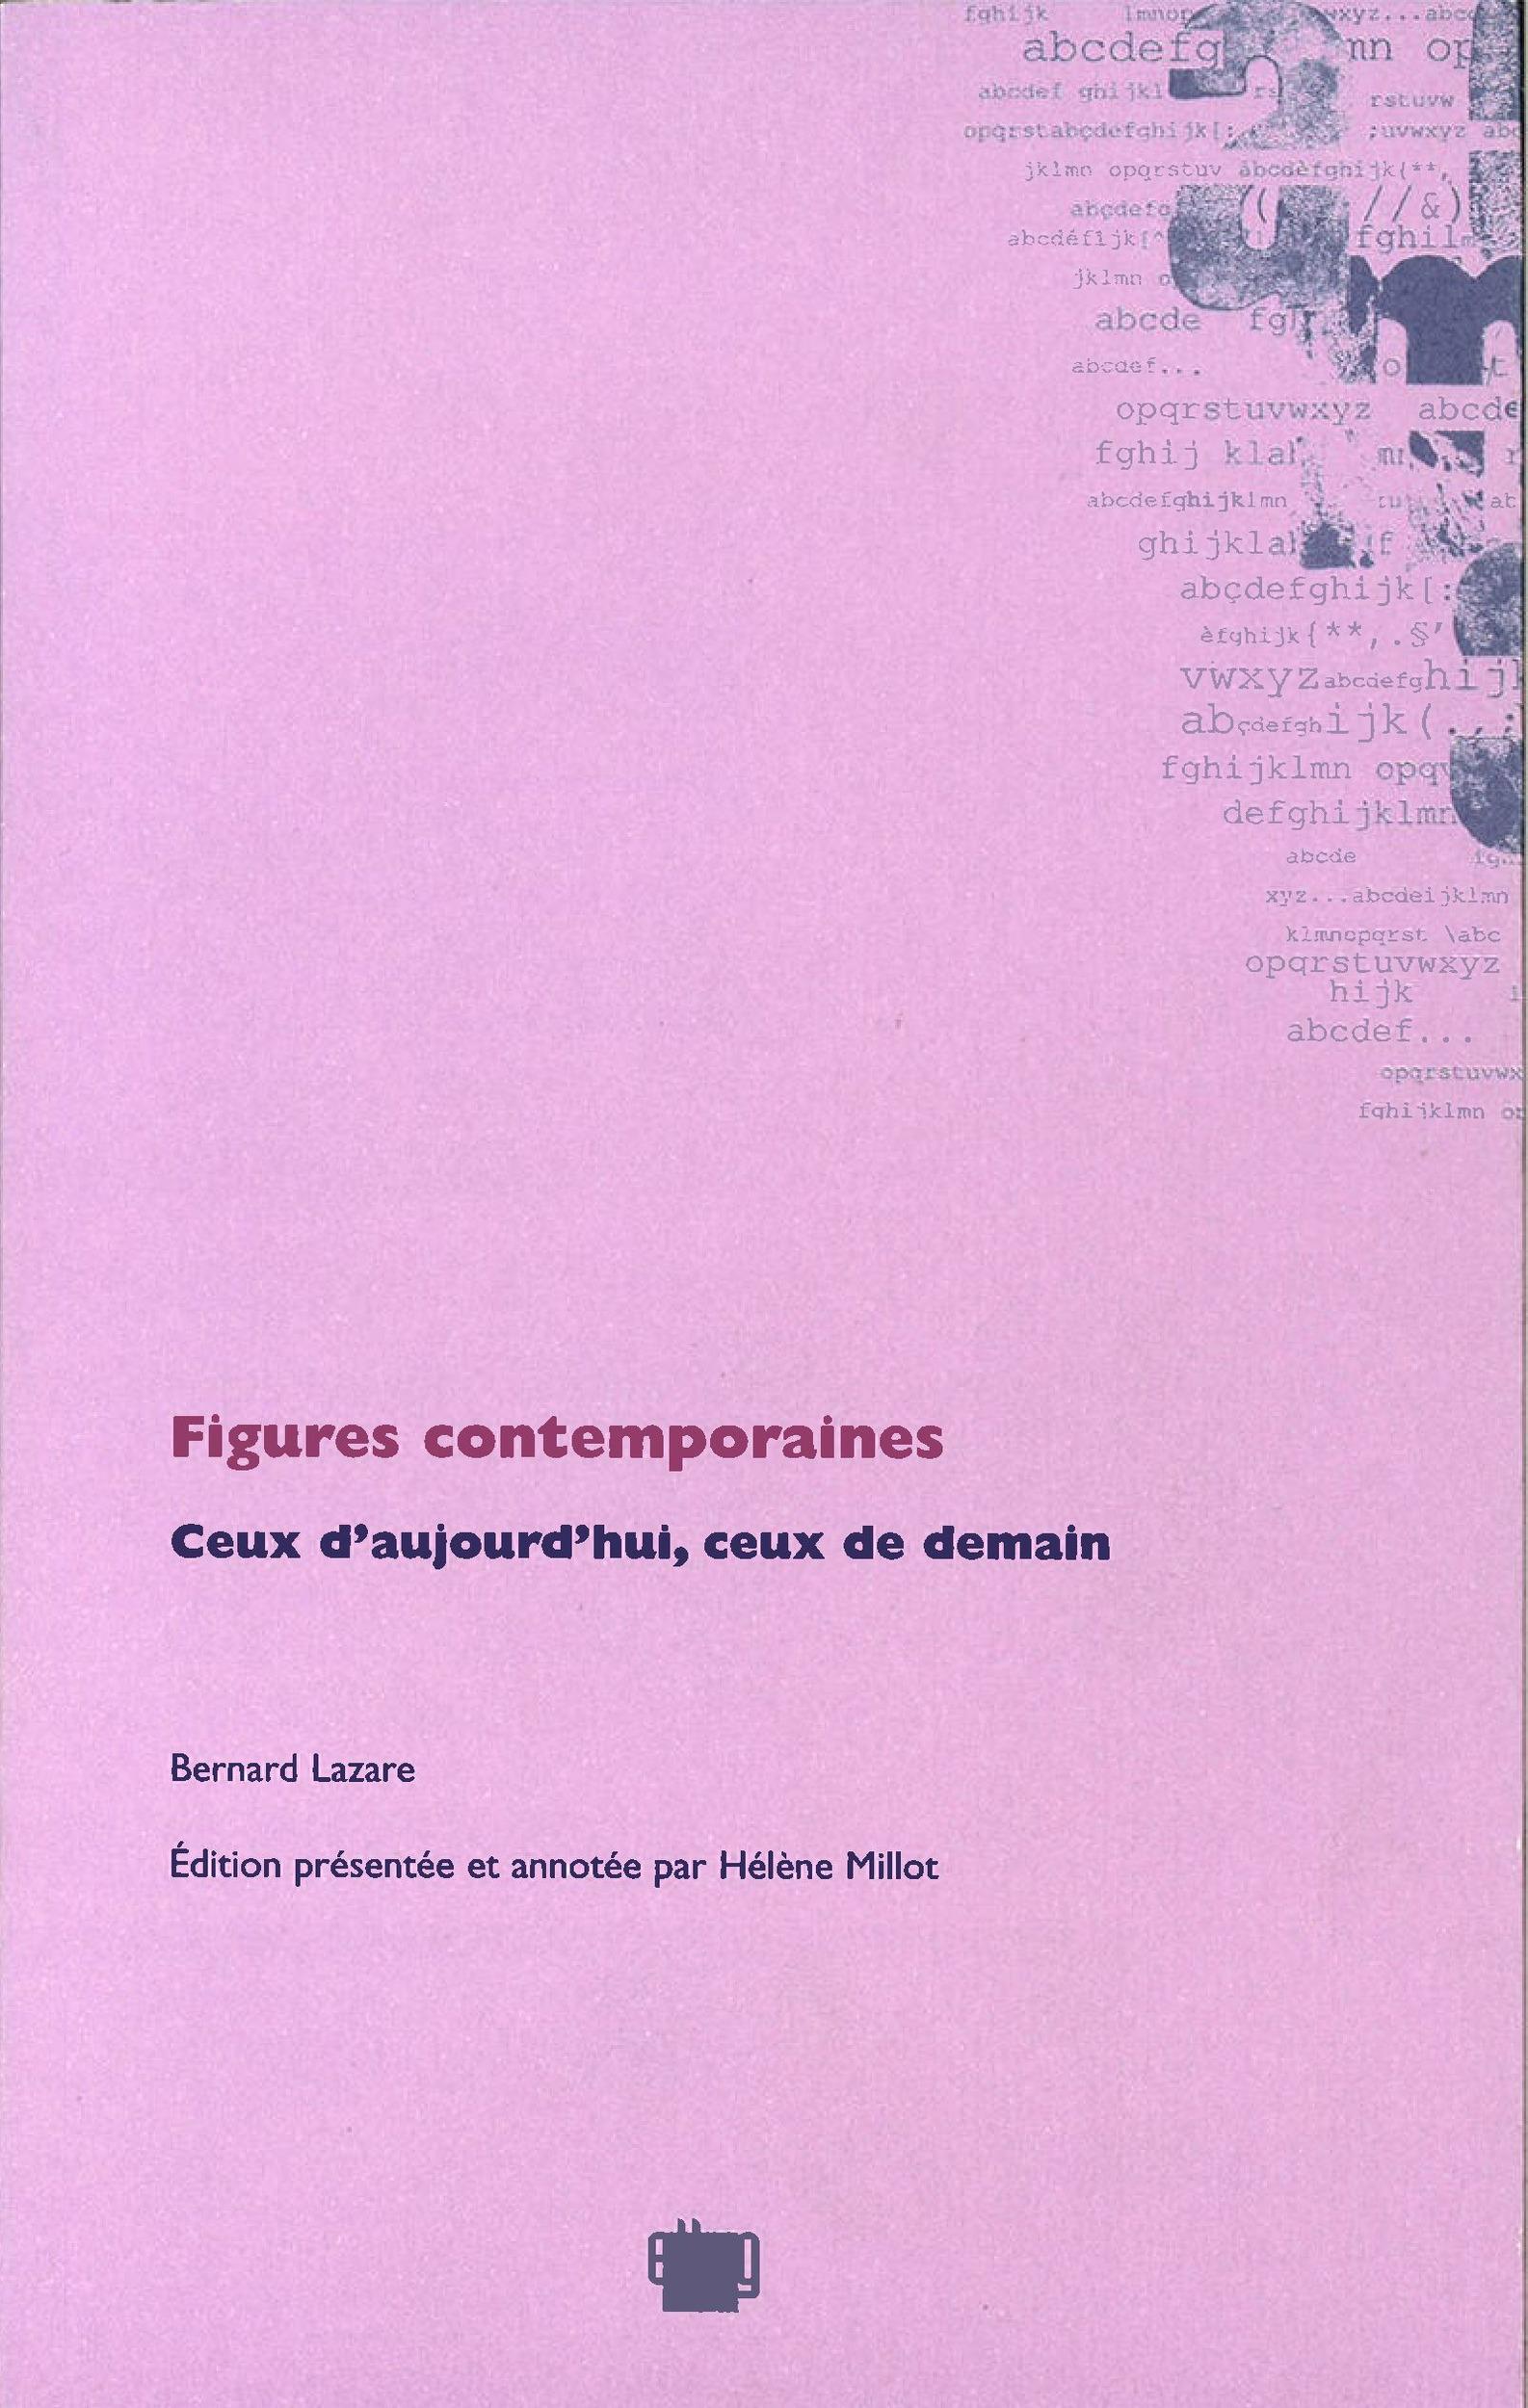 Figures contemporaines  - Bernard Lazare